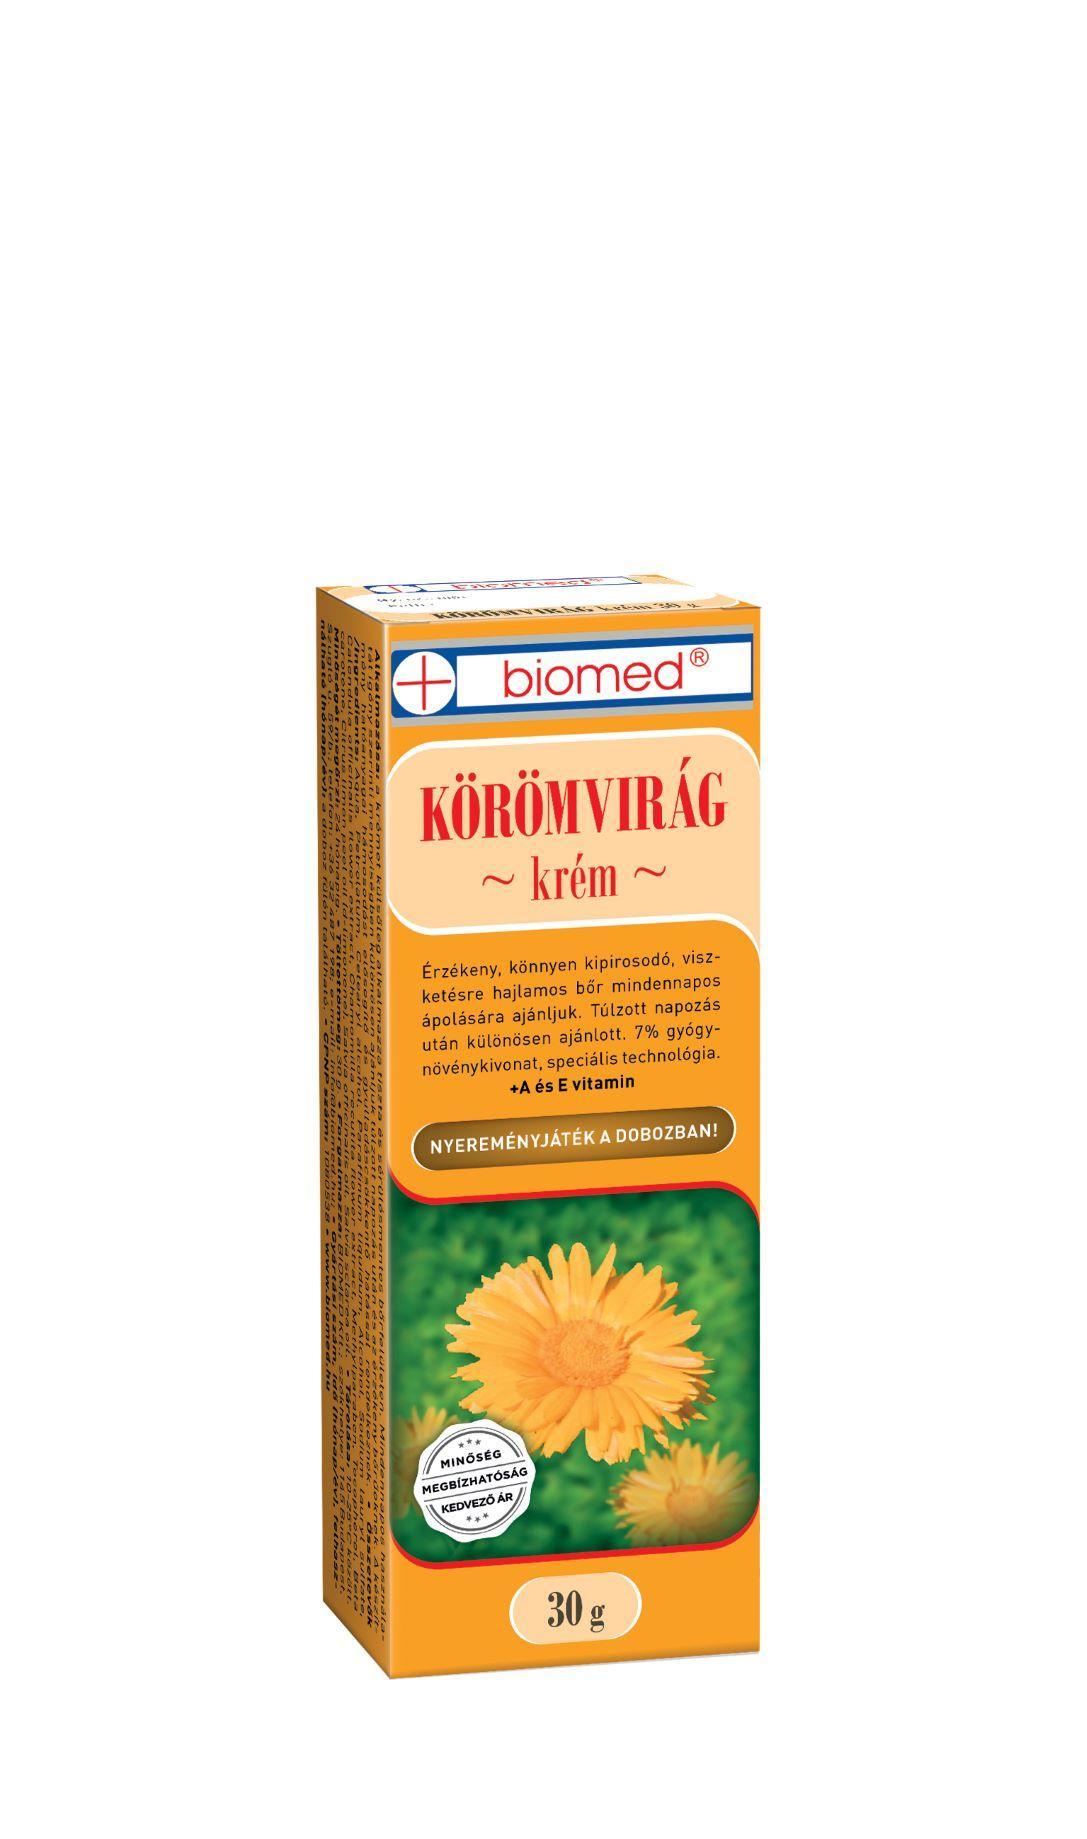 Biomed Körömvirág krém 30g